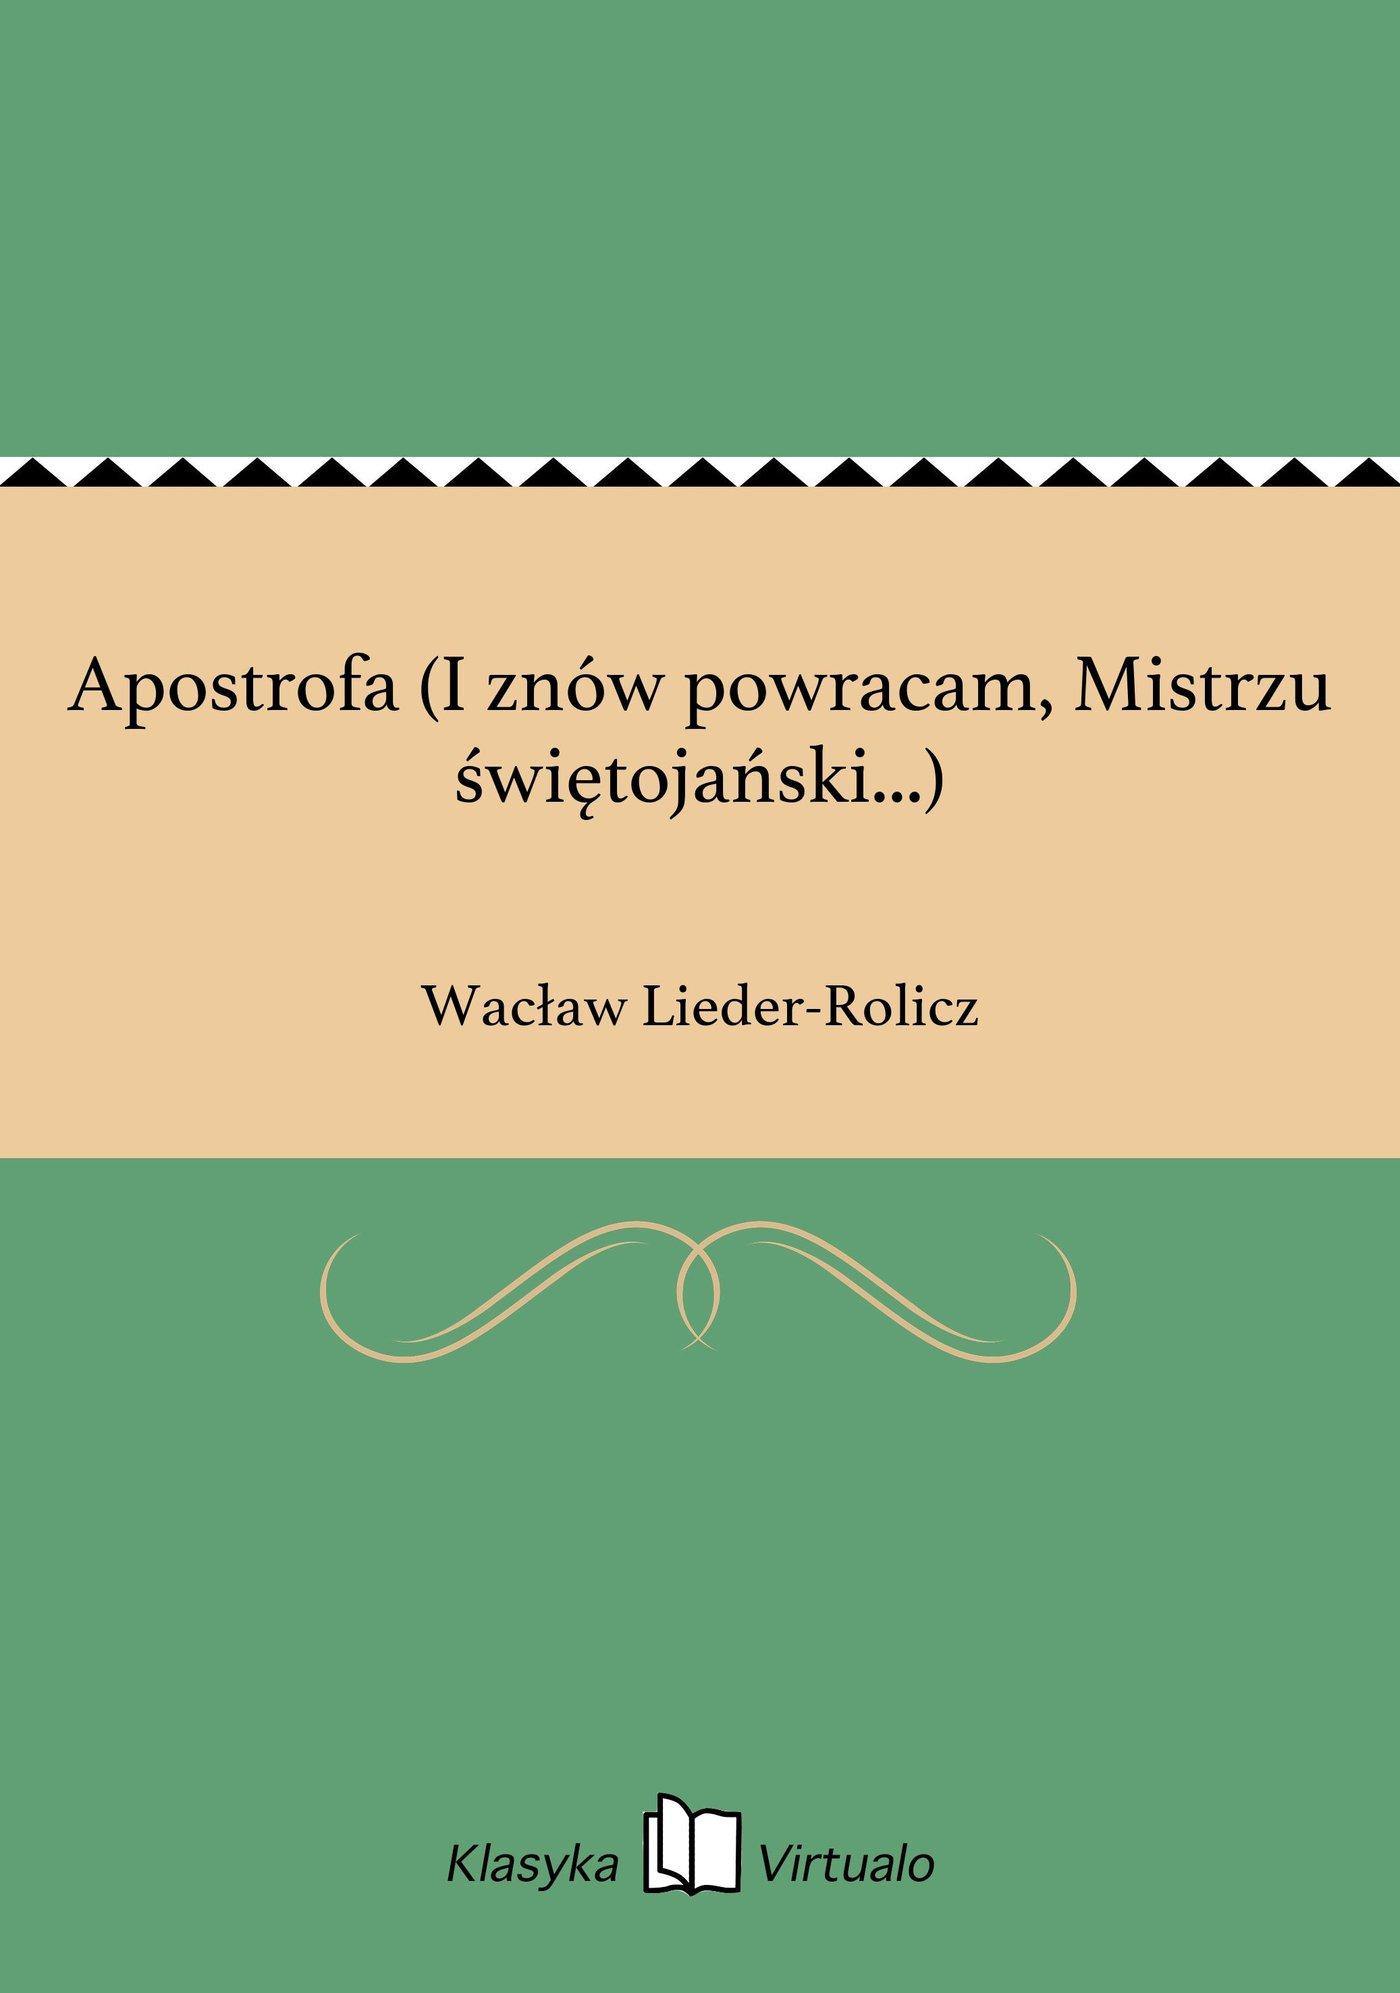 Apostrofa (I znów powracam, Mistrzu świętojański...) - Ebook (Książka EPUB) do pobrania w formacie EPUB